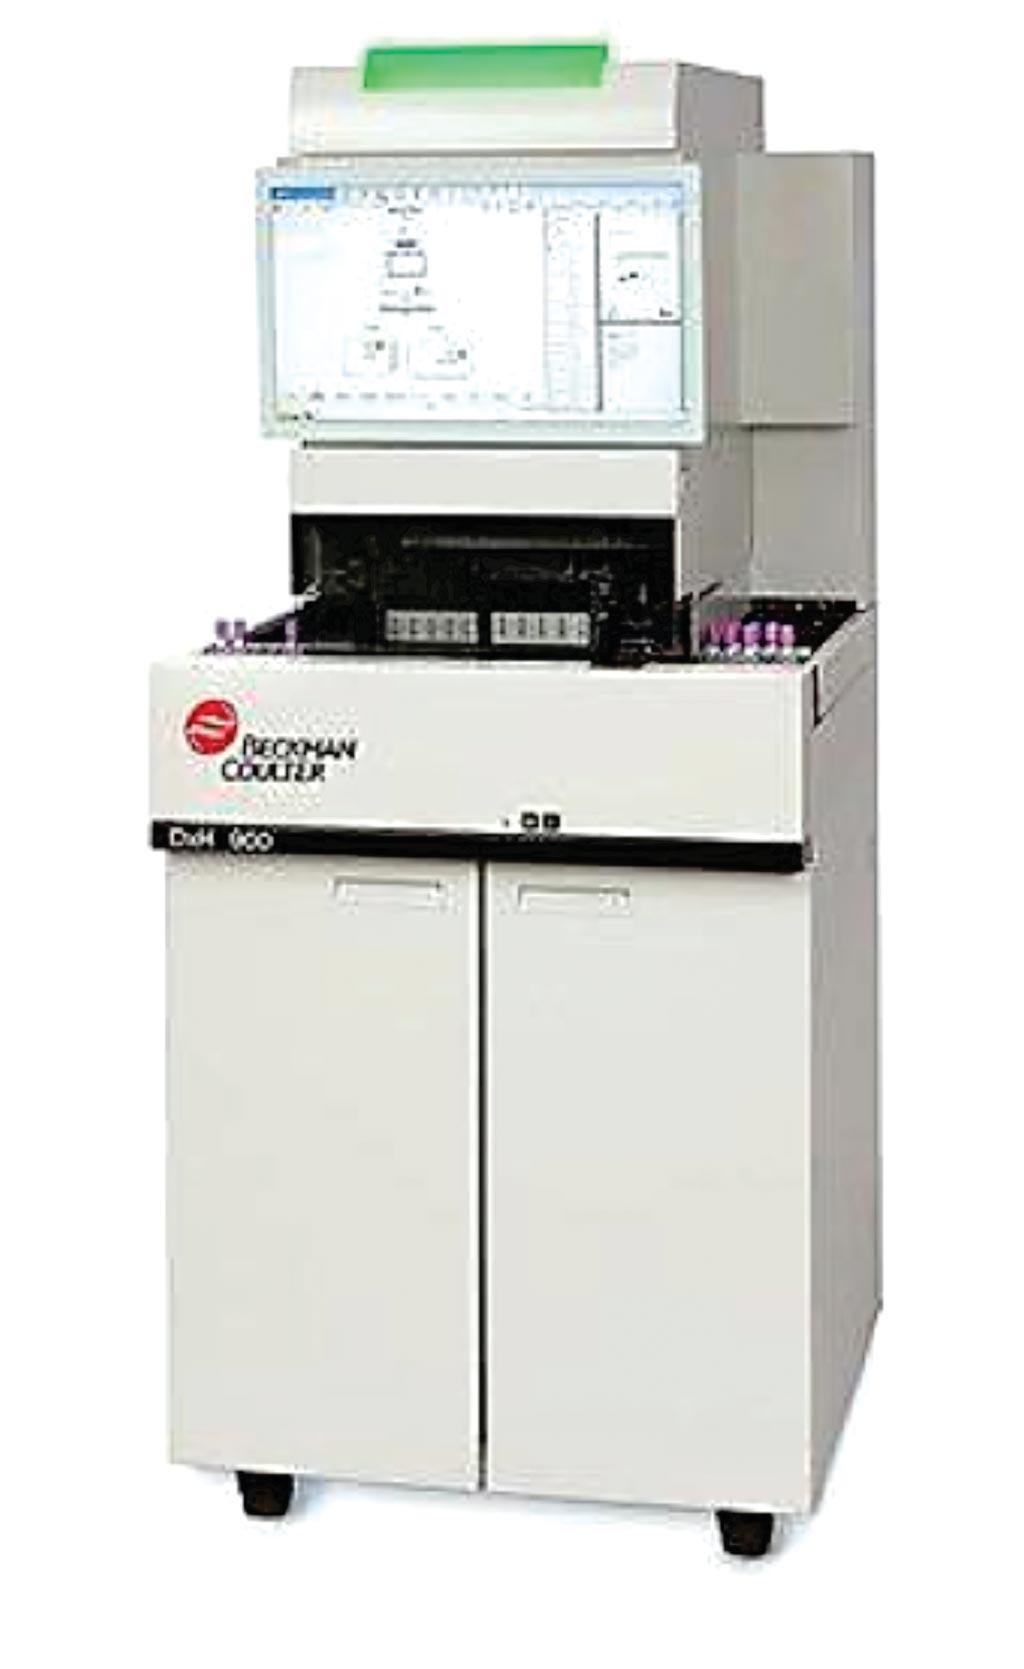 Imagen: El indicador de sepsis temprana utiliza el analizador de hematología DxH 900 (Fotografía cortesía de Beckman Coulter).